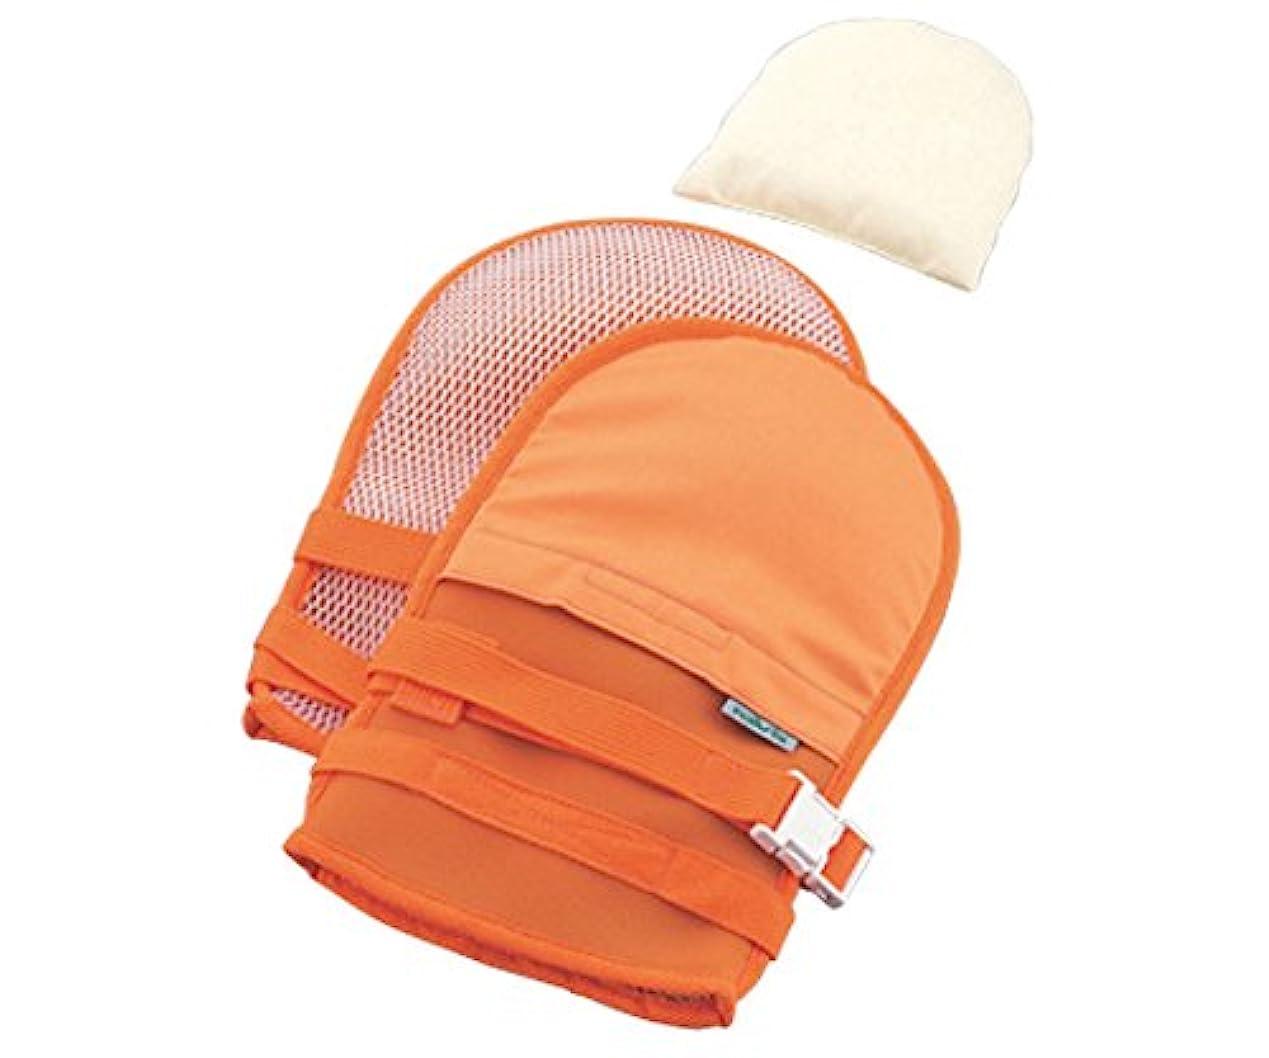 十分影響する匹敵します抜管防止手袋 中オレンジ /0-1638-42